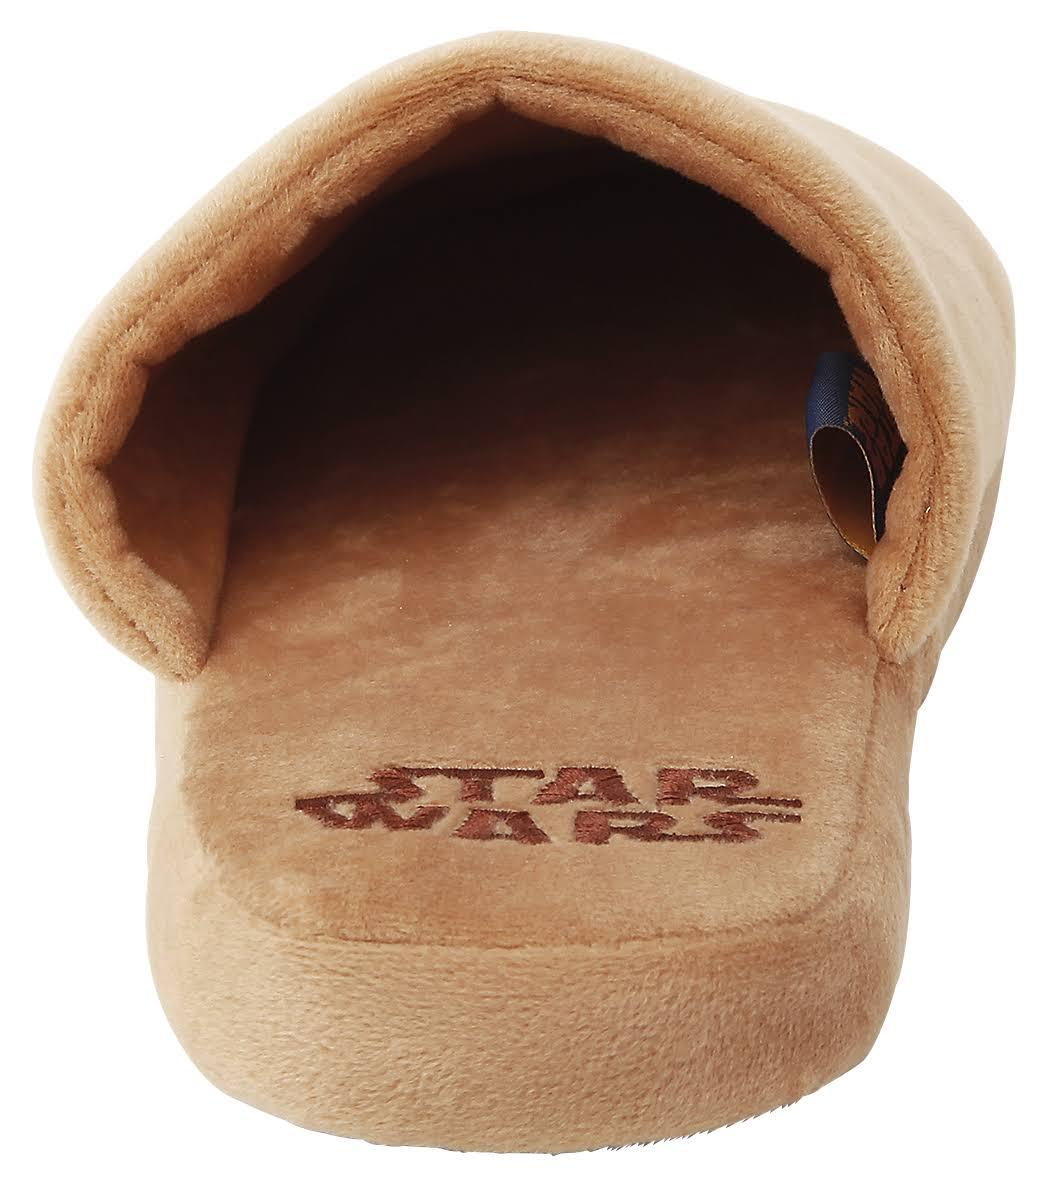 Chausson star wars jedi